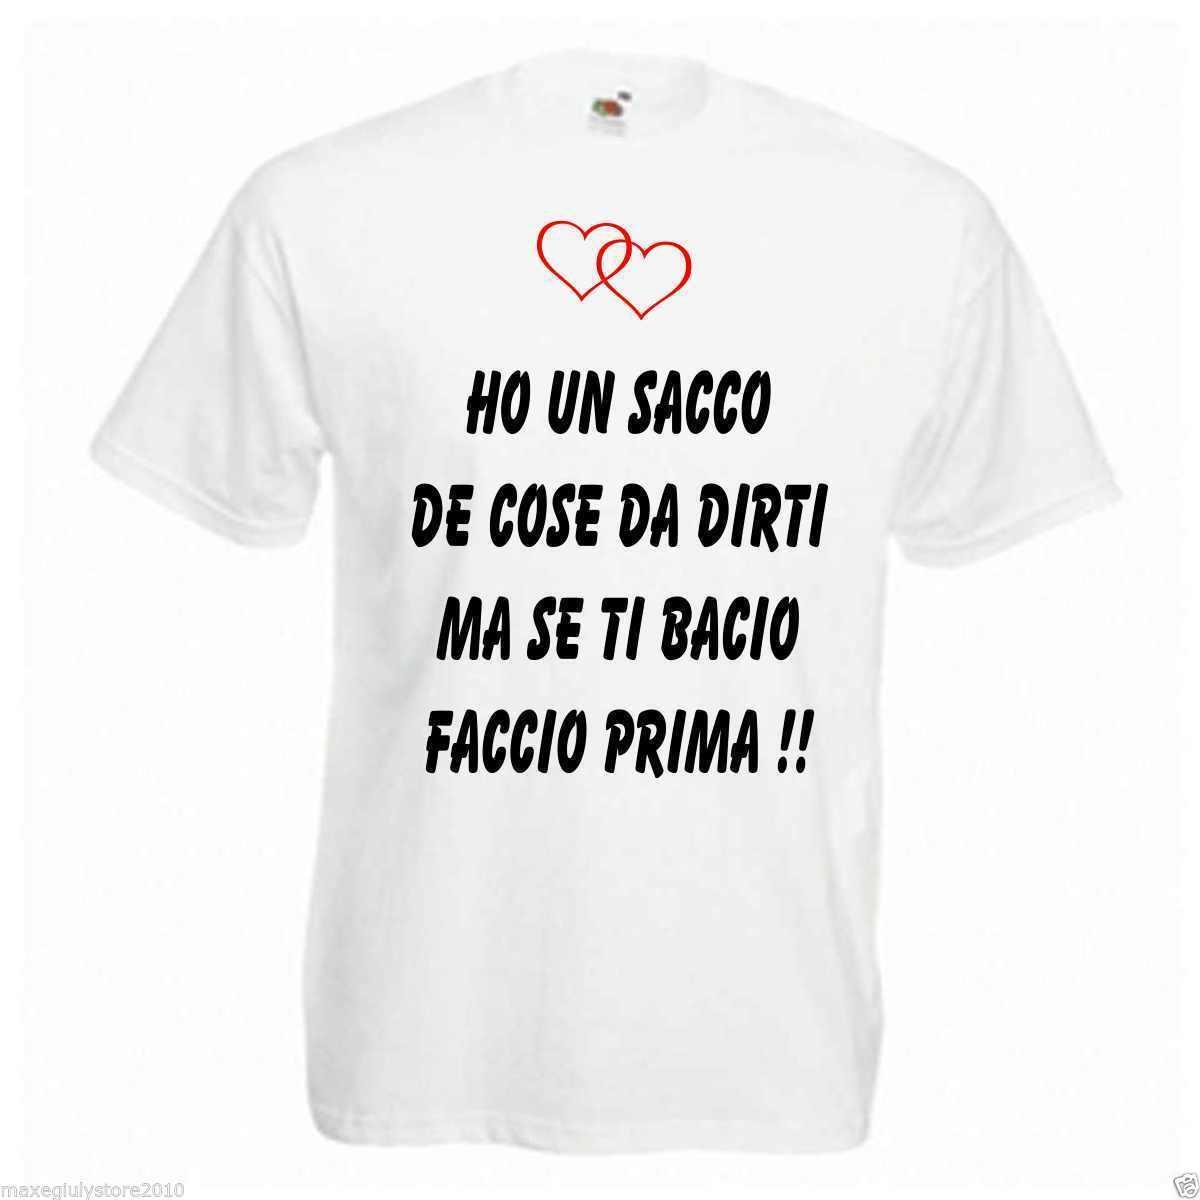 ed4ef8a7ad Maglia Uomo T-Shirt con Stampa Personalizzata Ho Un Sacco de Cose da dirti  MA Se Ti Bacio Faccio Prima